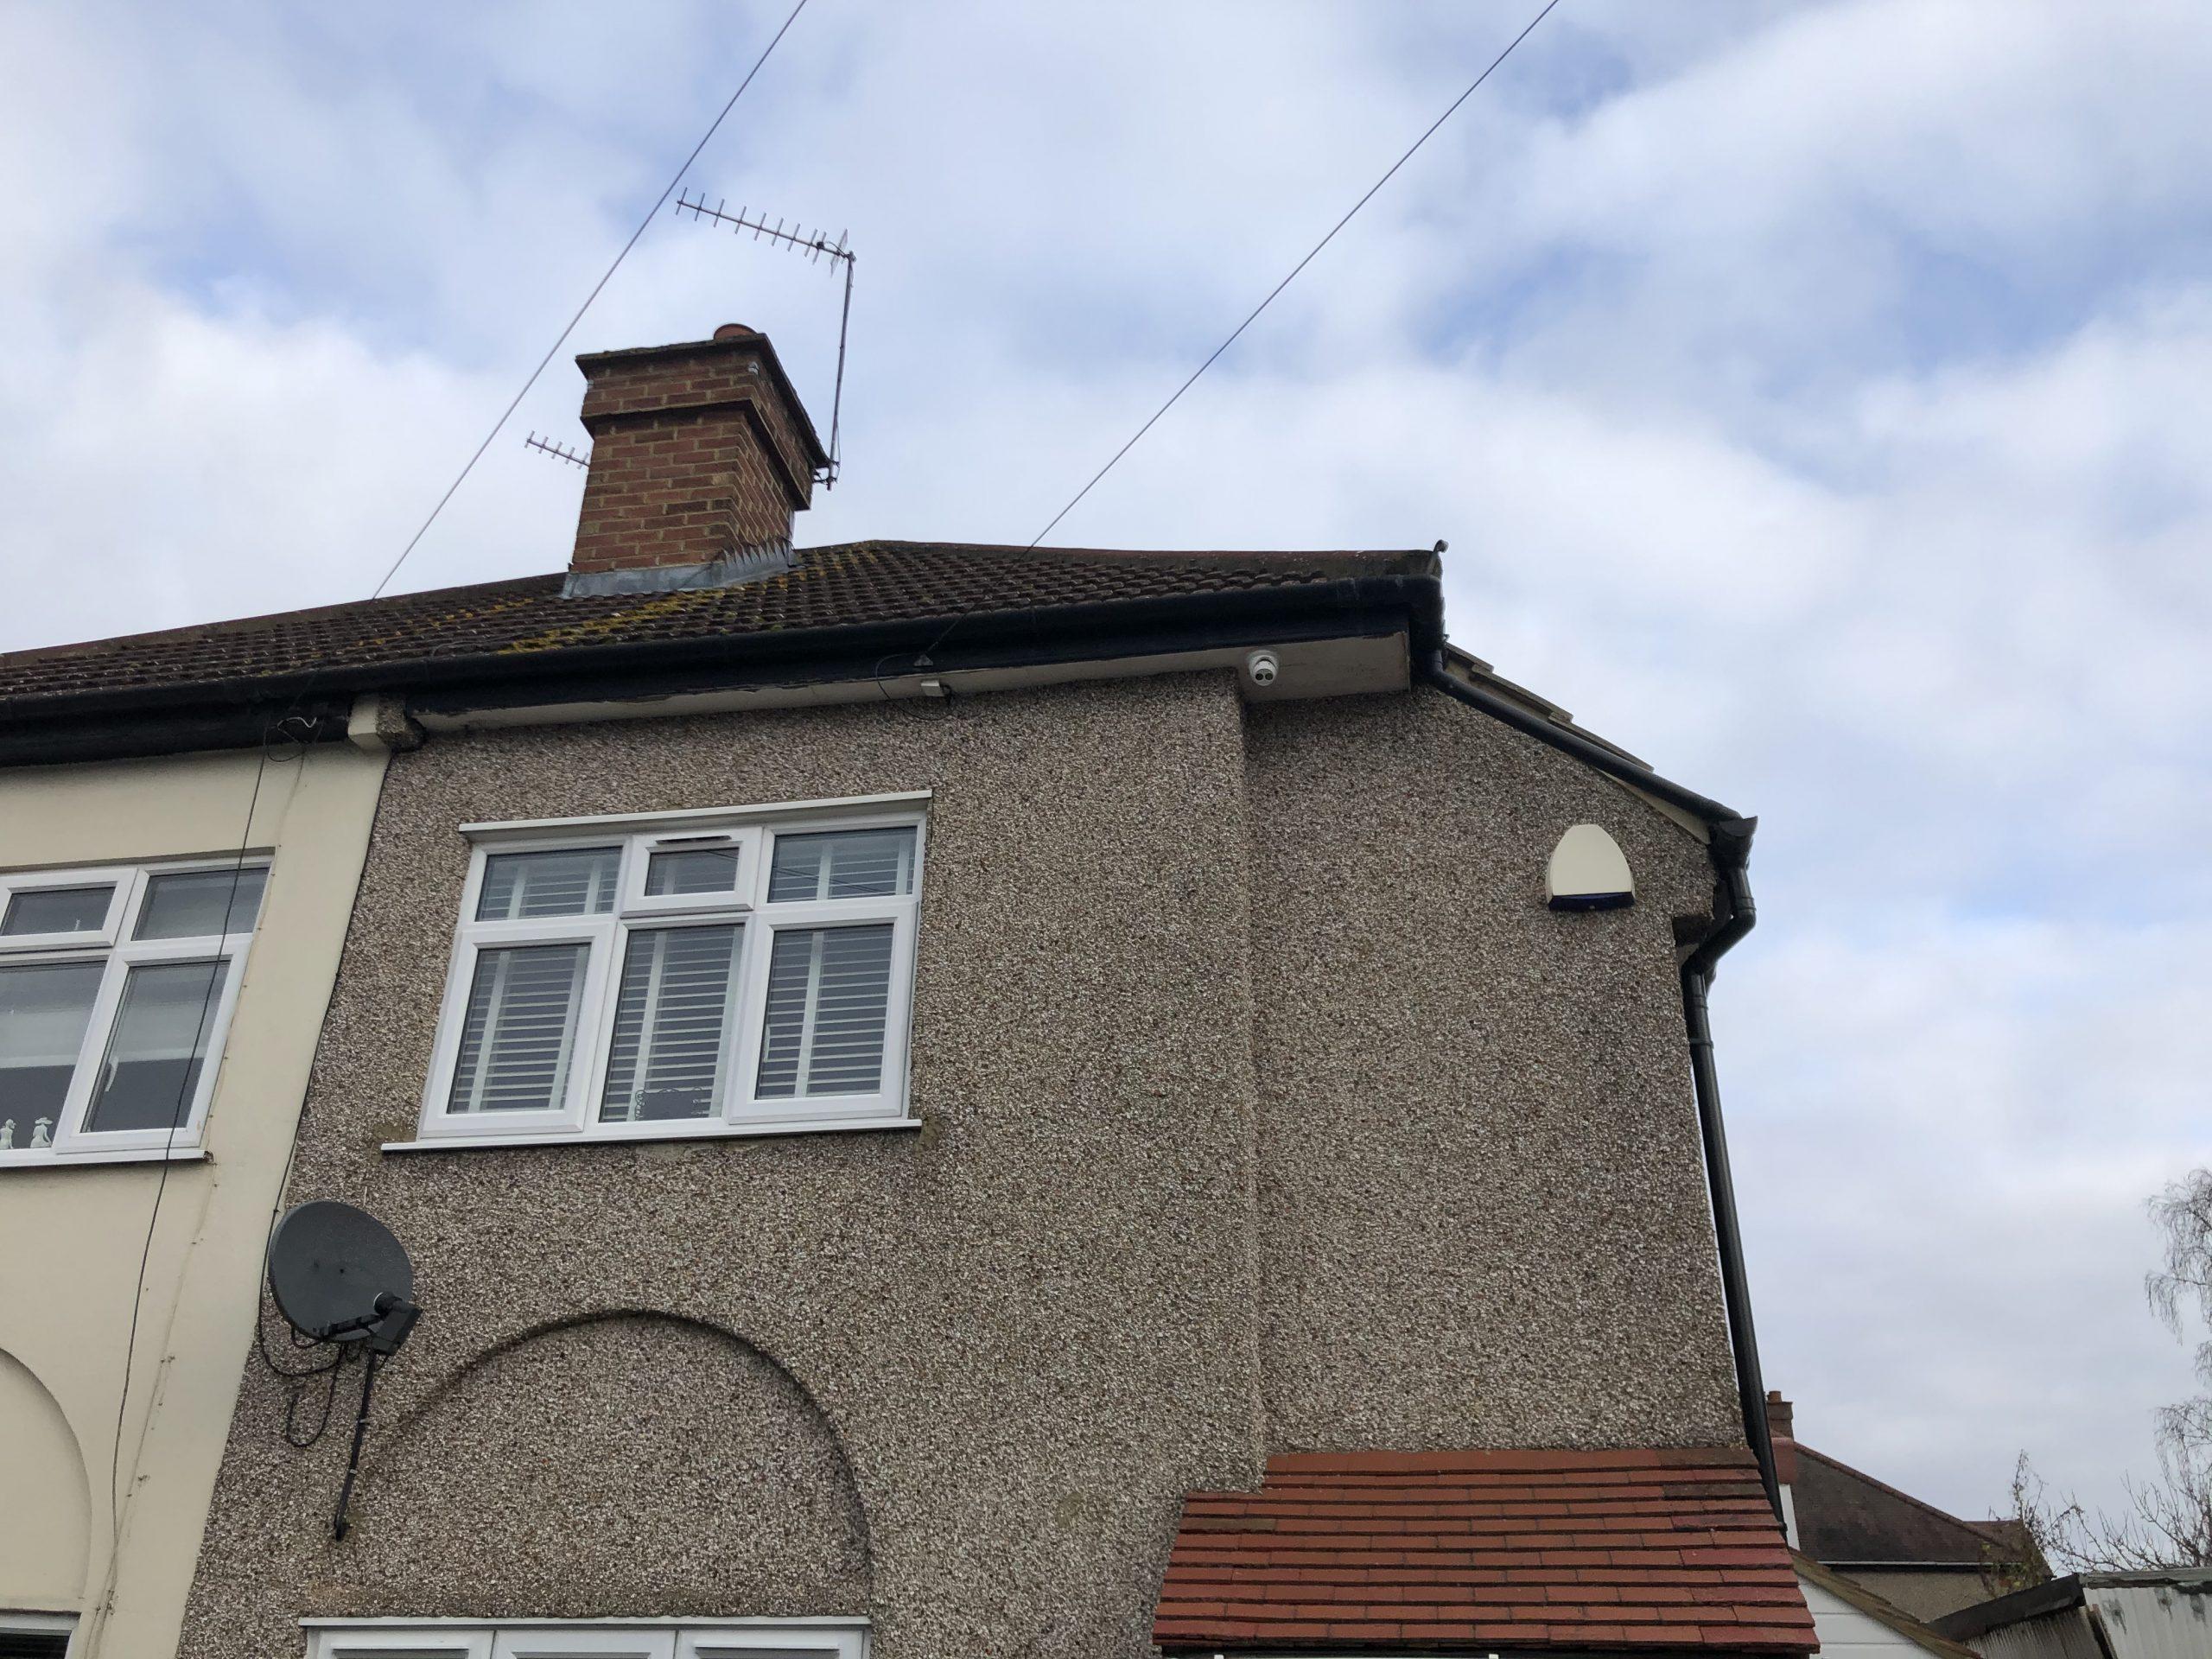 CCTV installed in Chislehurst